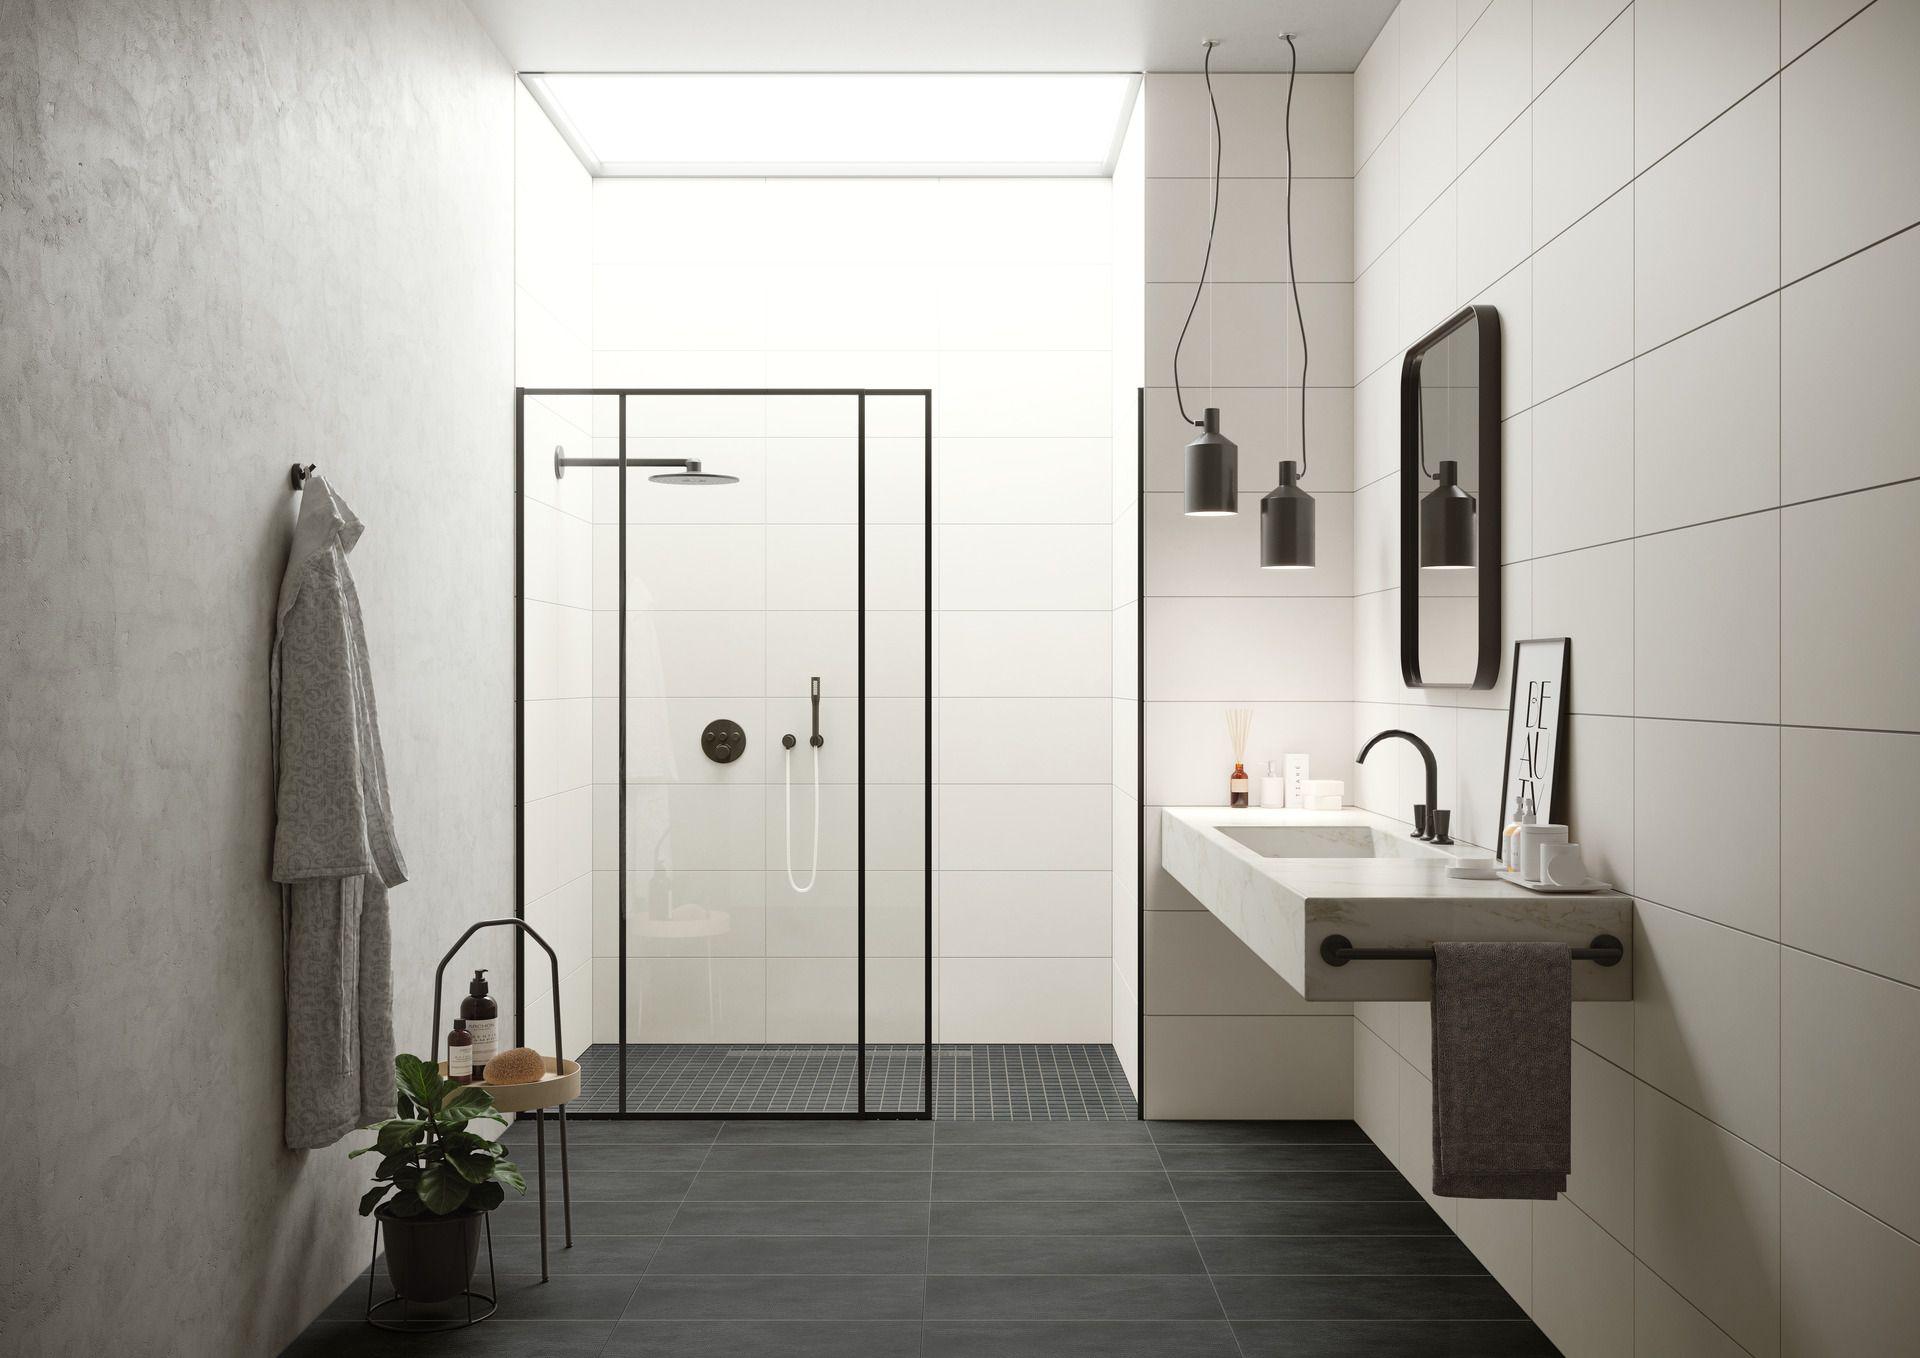 Puristische Dusche In Attraktivem Badezimmer L Bodengleich Und Modern Badezimmer Gestalten Dusche Badezimmer